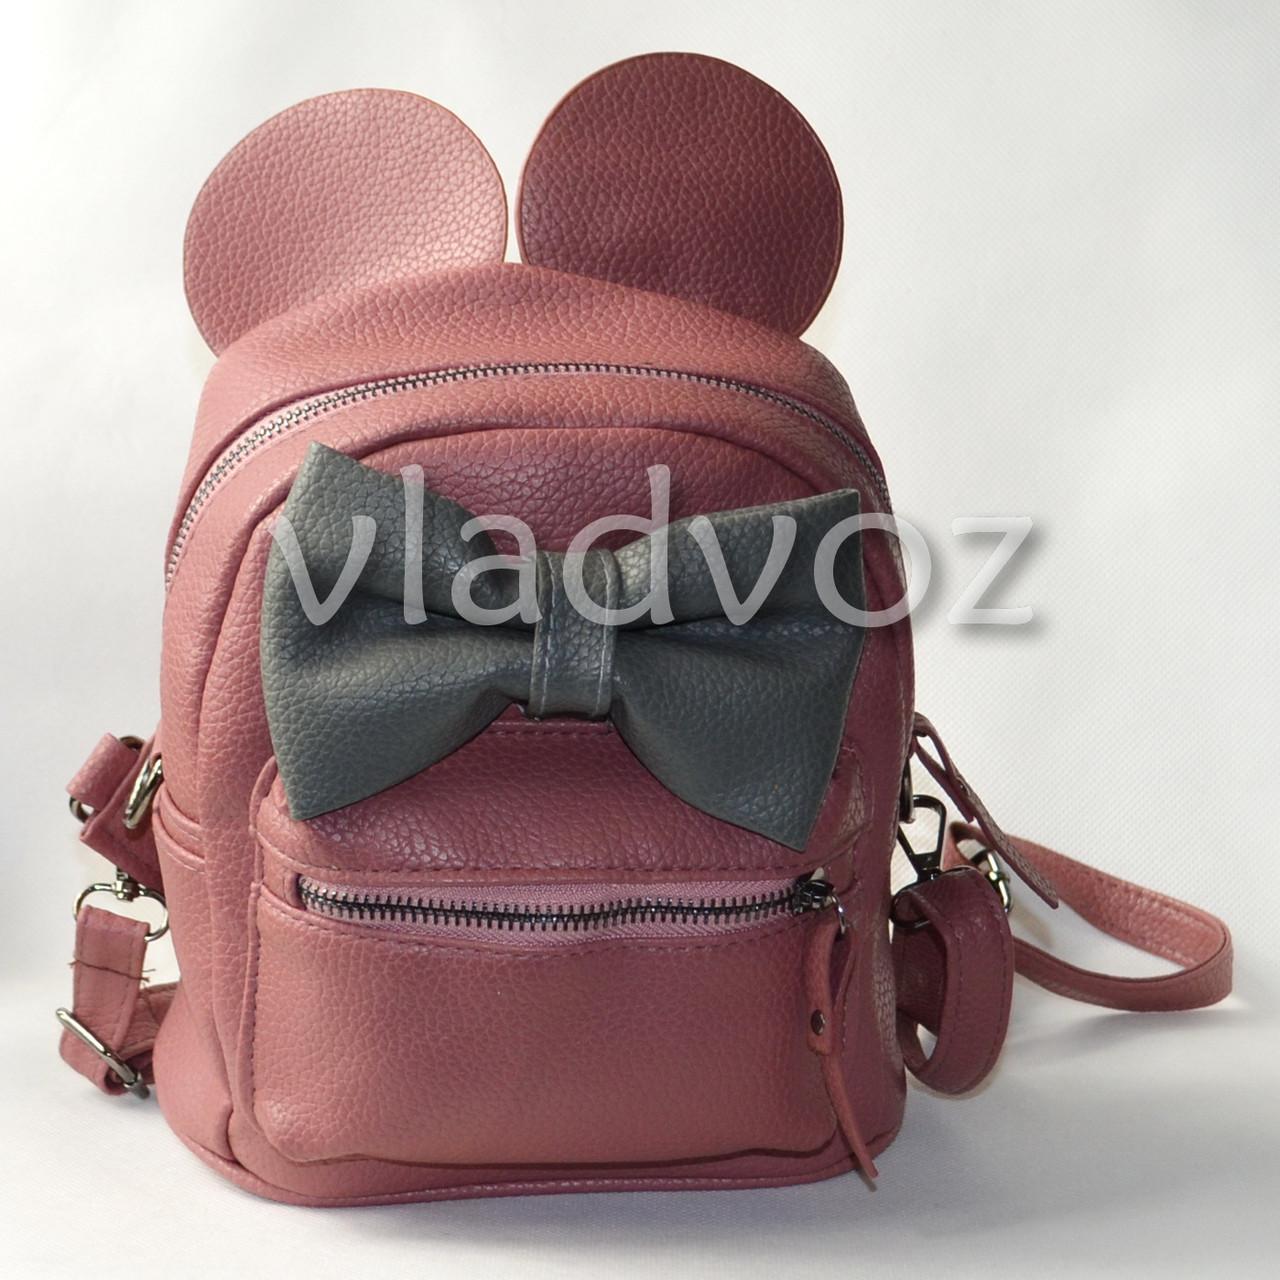 a51ee0b7993f Молодежный модный рюкзак подросток девочка с ушками фуксия - ☎ VIBER  0977864700 интернет магазин vladvoz.